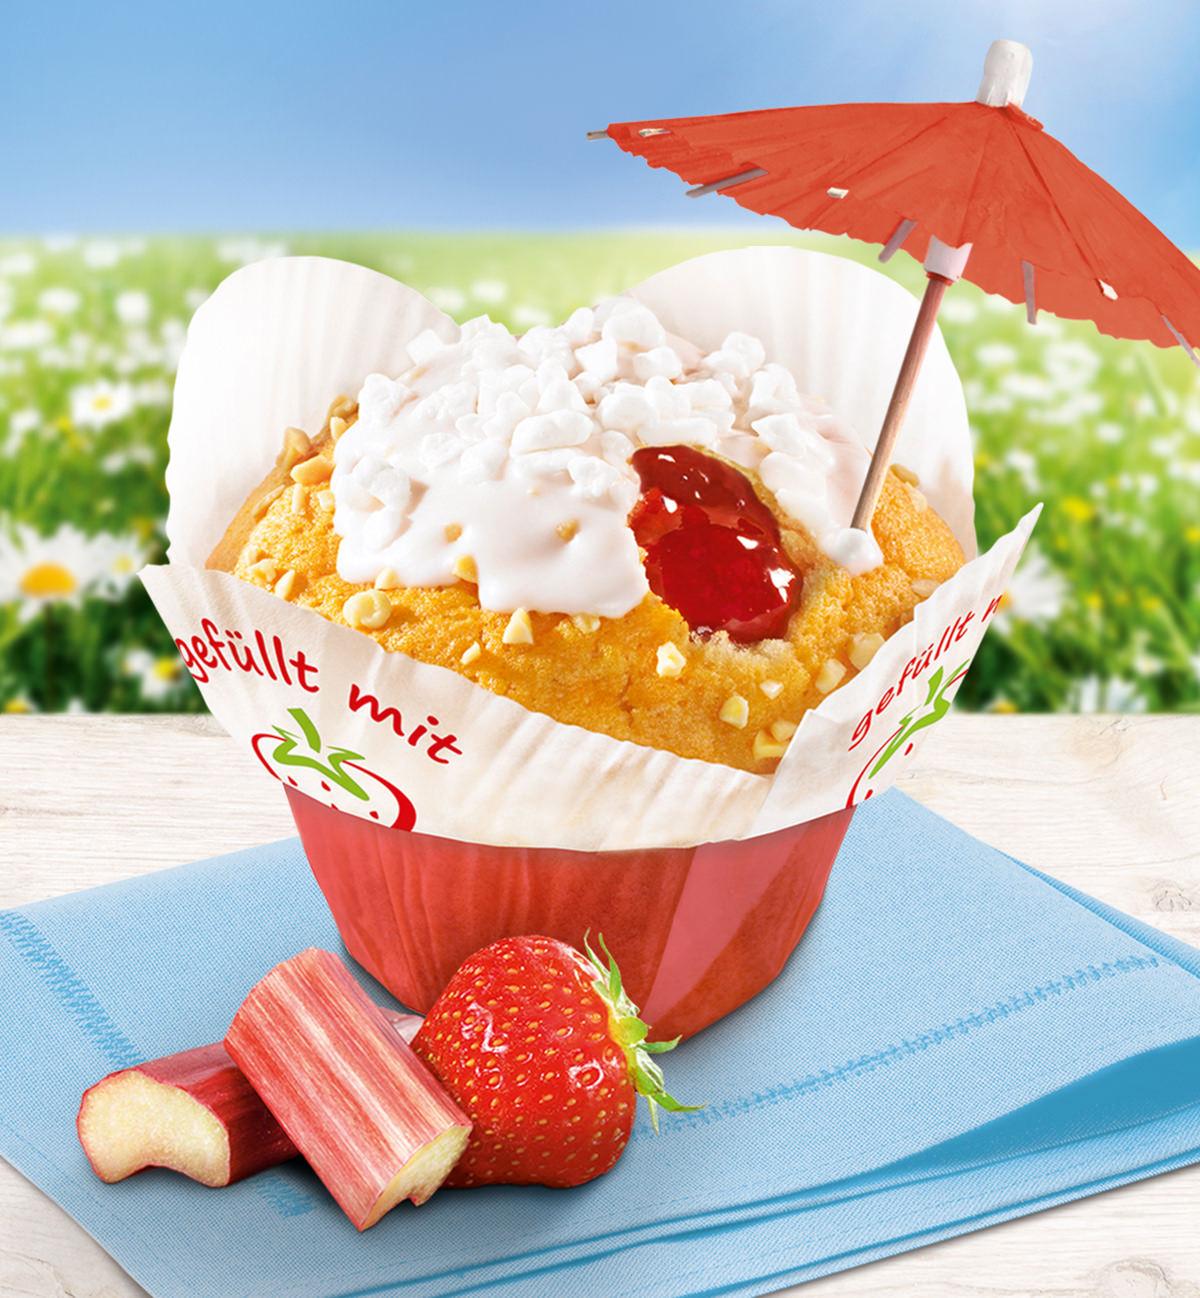 Erdbeer Muffin - Erdbeerzeit bei Back-Company